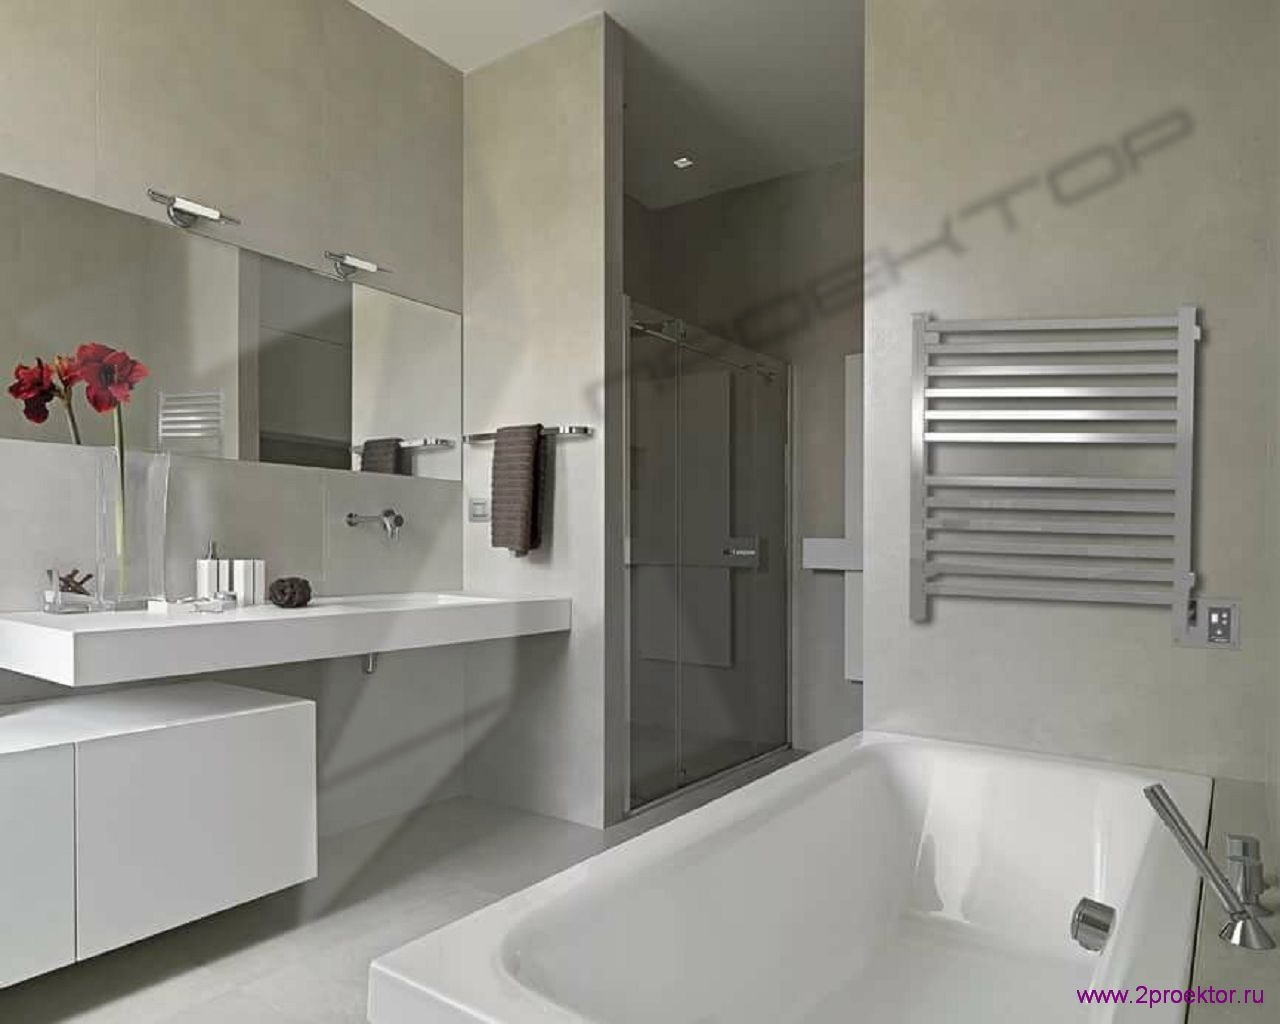 Дизайн ванной комнаты в светлых тонах в Жилом комплексе Шмитовский.